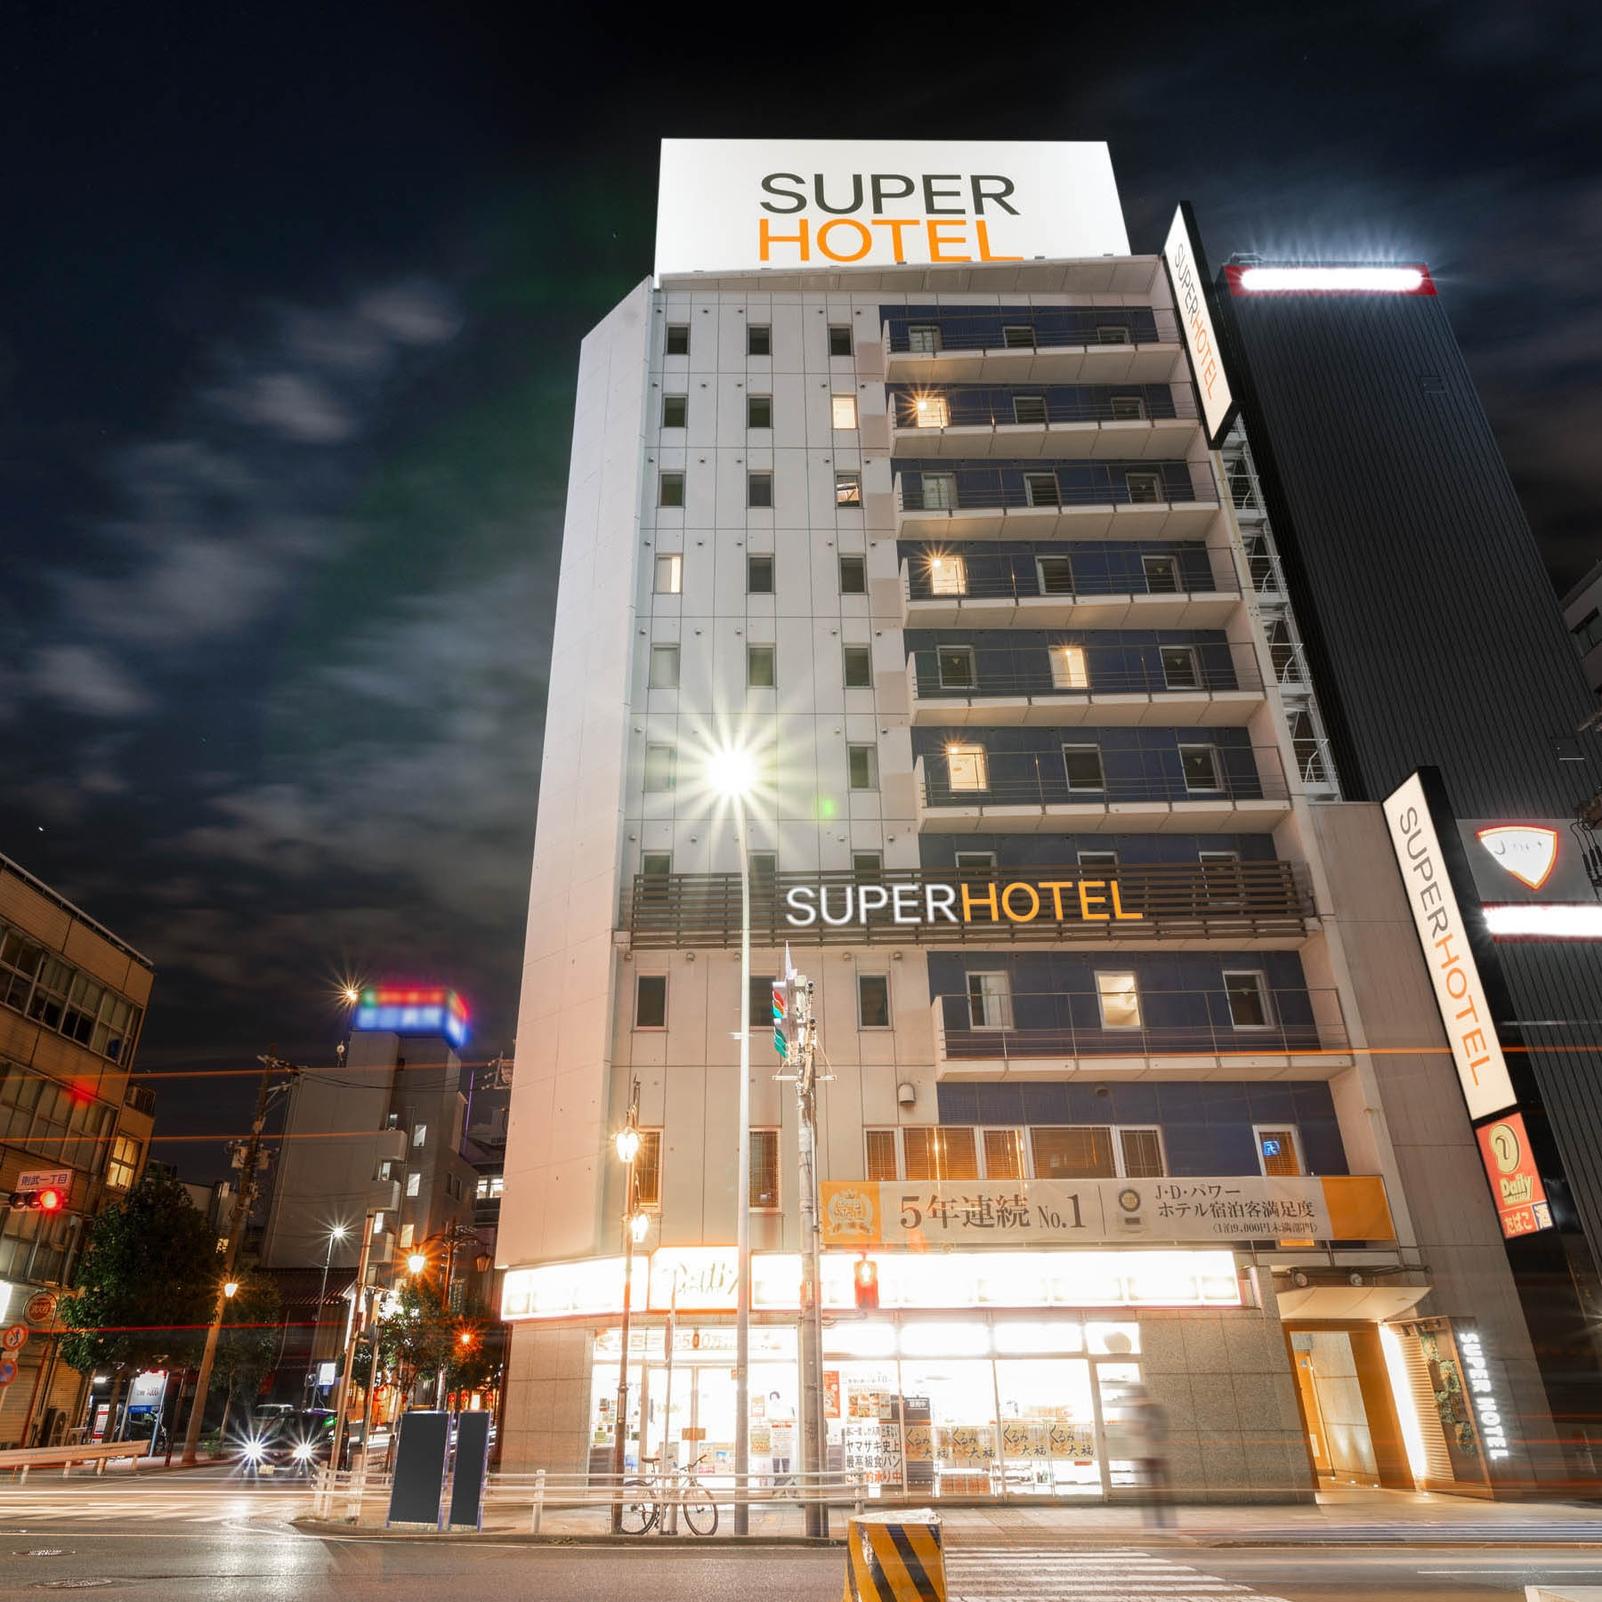 スーパーホテル 名古屋駅前 設備・アメニティ・基本情報【楽天トラベル】